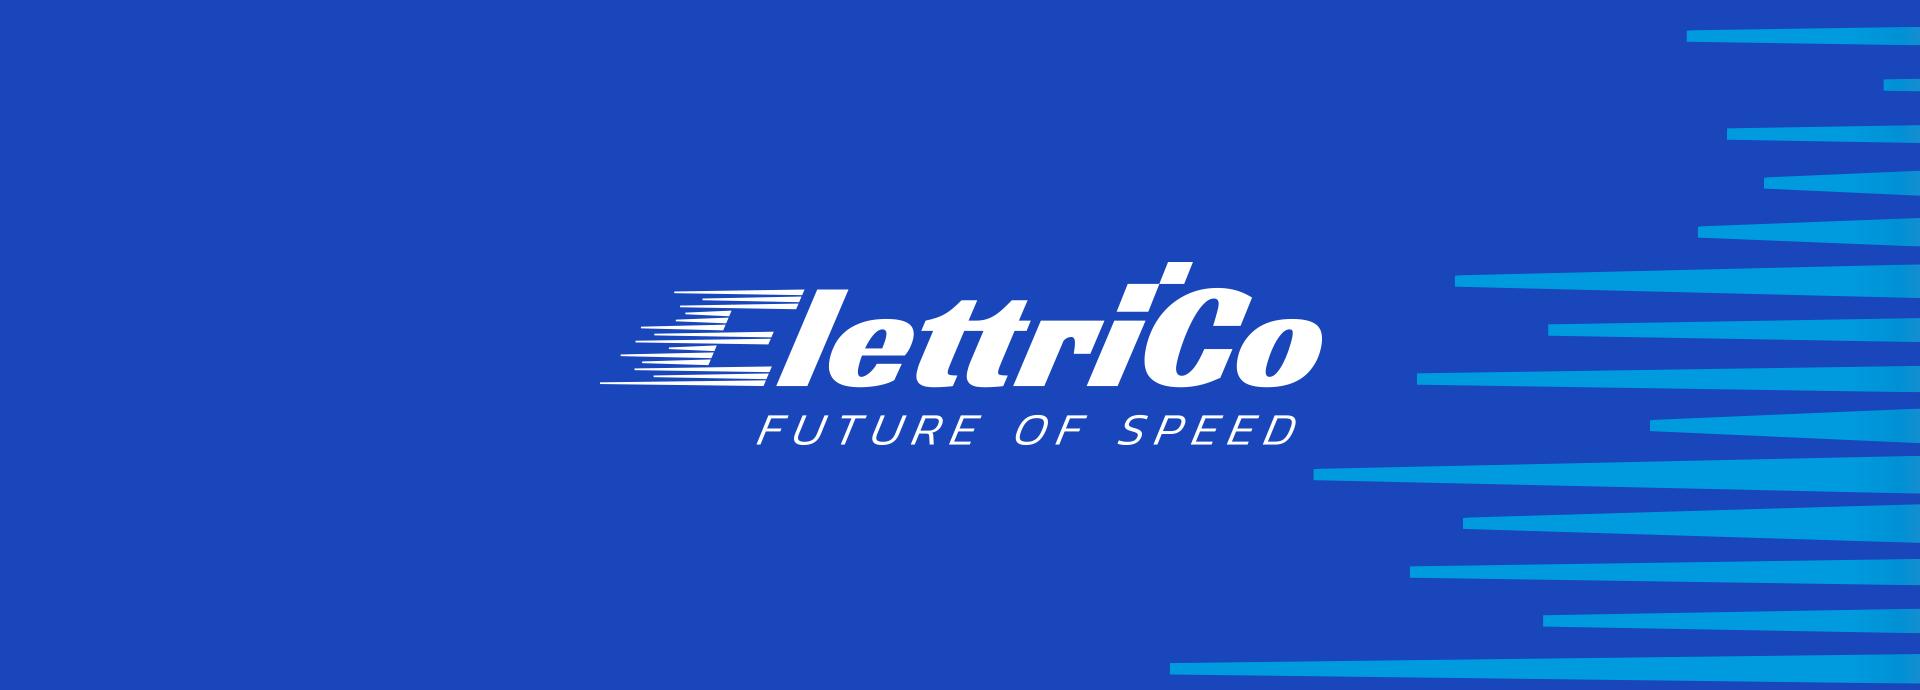 logo startup elettrico colore bianco